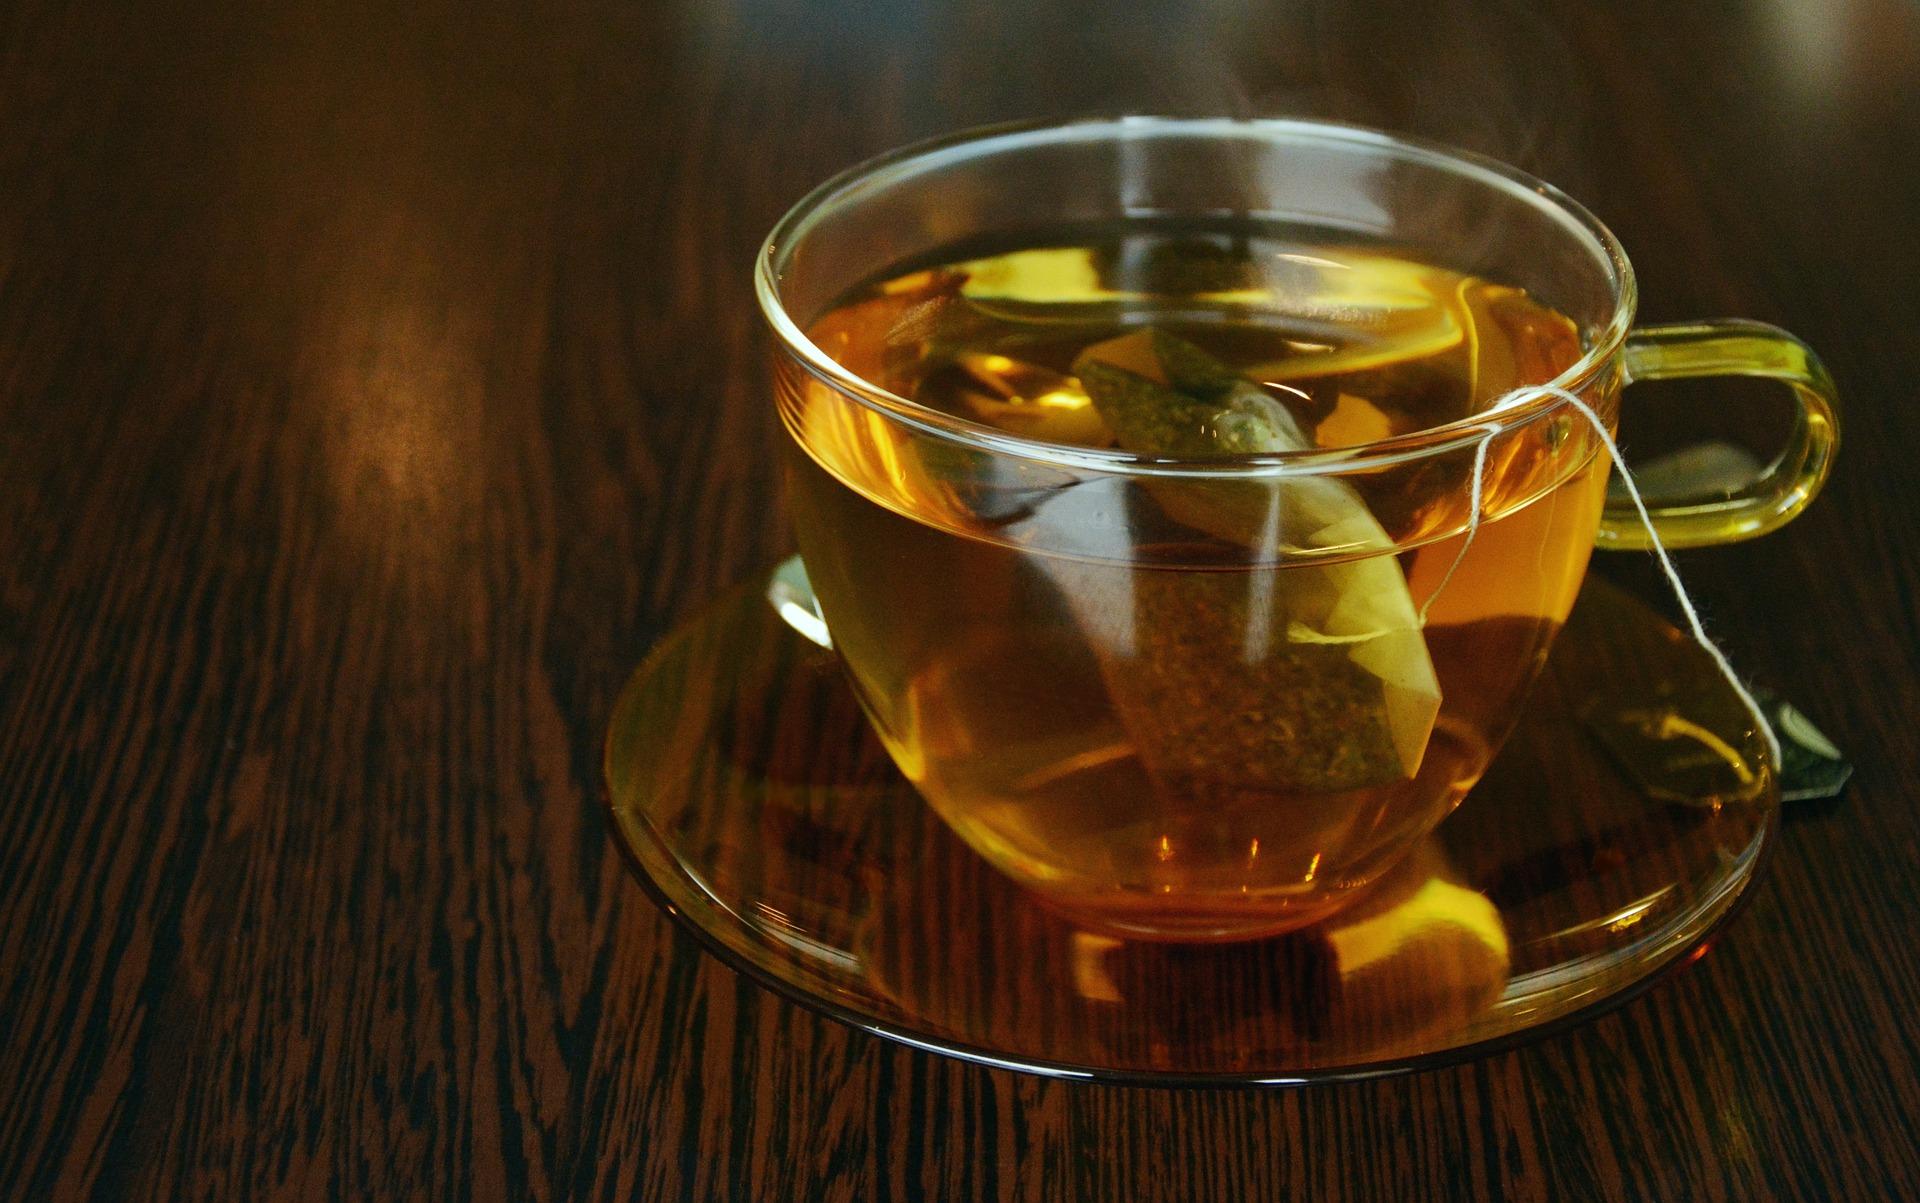 Økologisk te og eksklusiv julechokolade hos Origreen